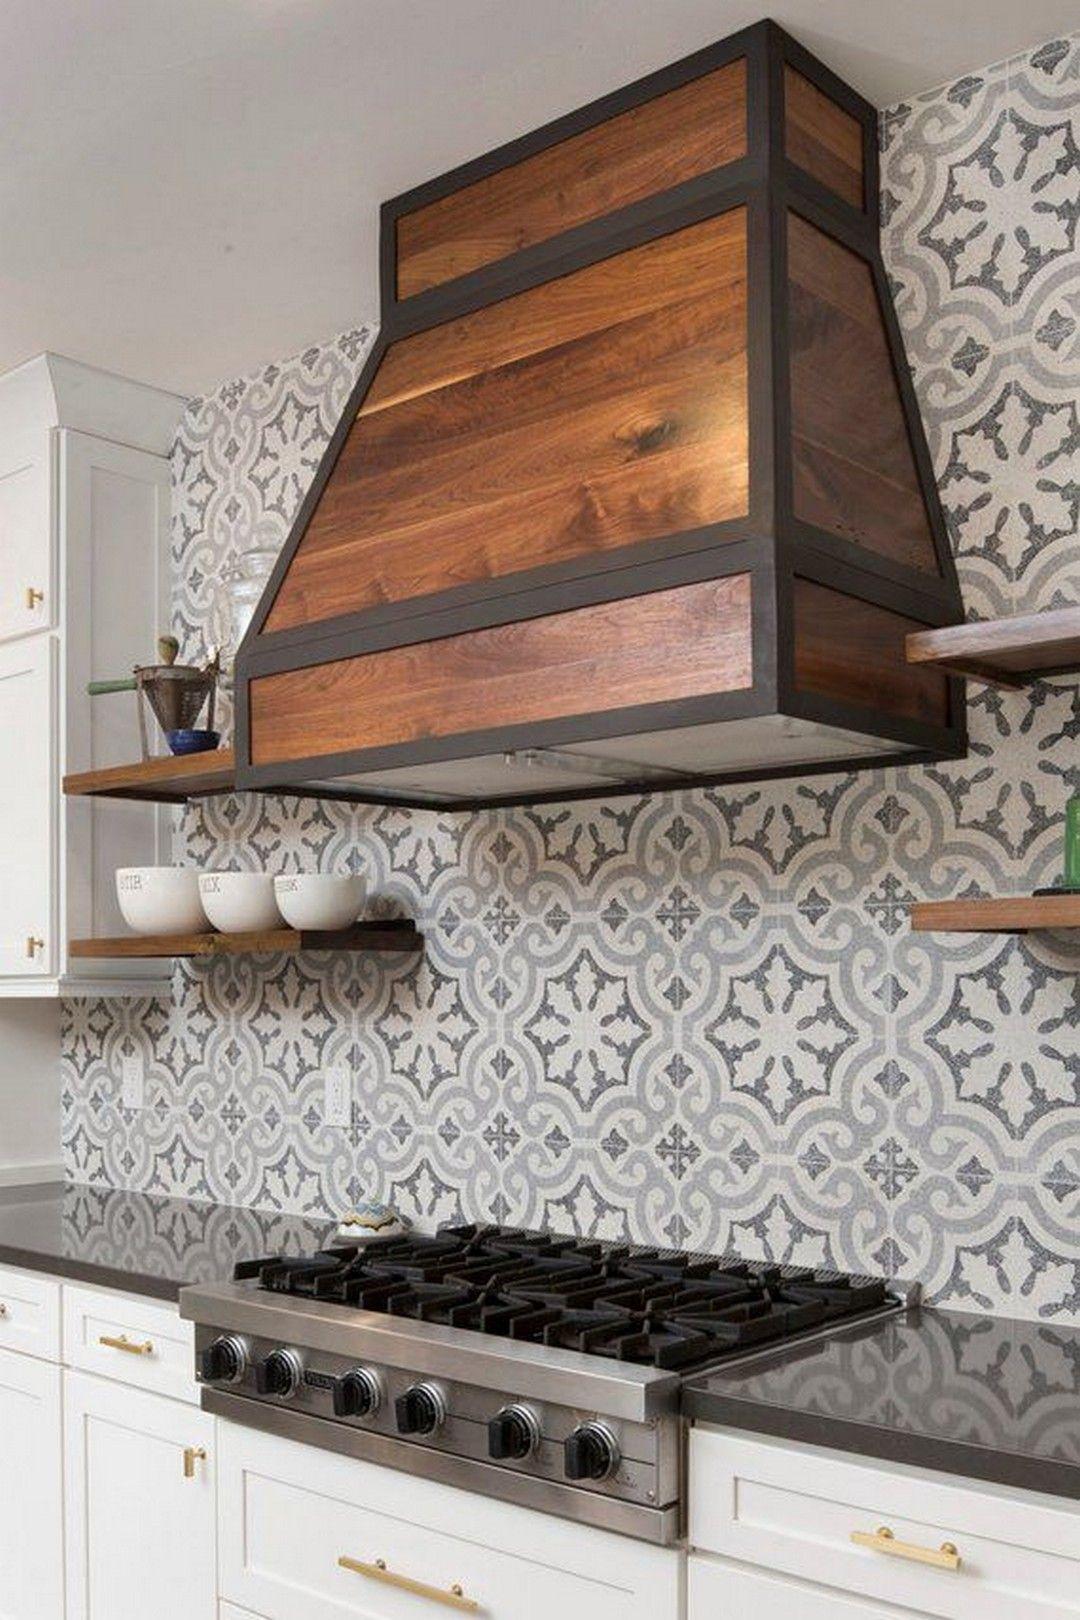 46 Unique Diy Kitchen Backsplash Ideas To Personalize Your Cooking